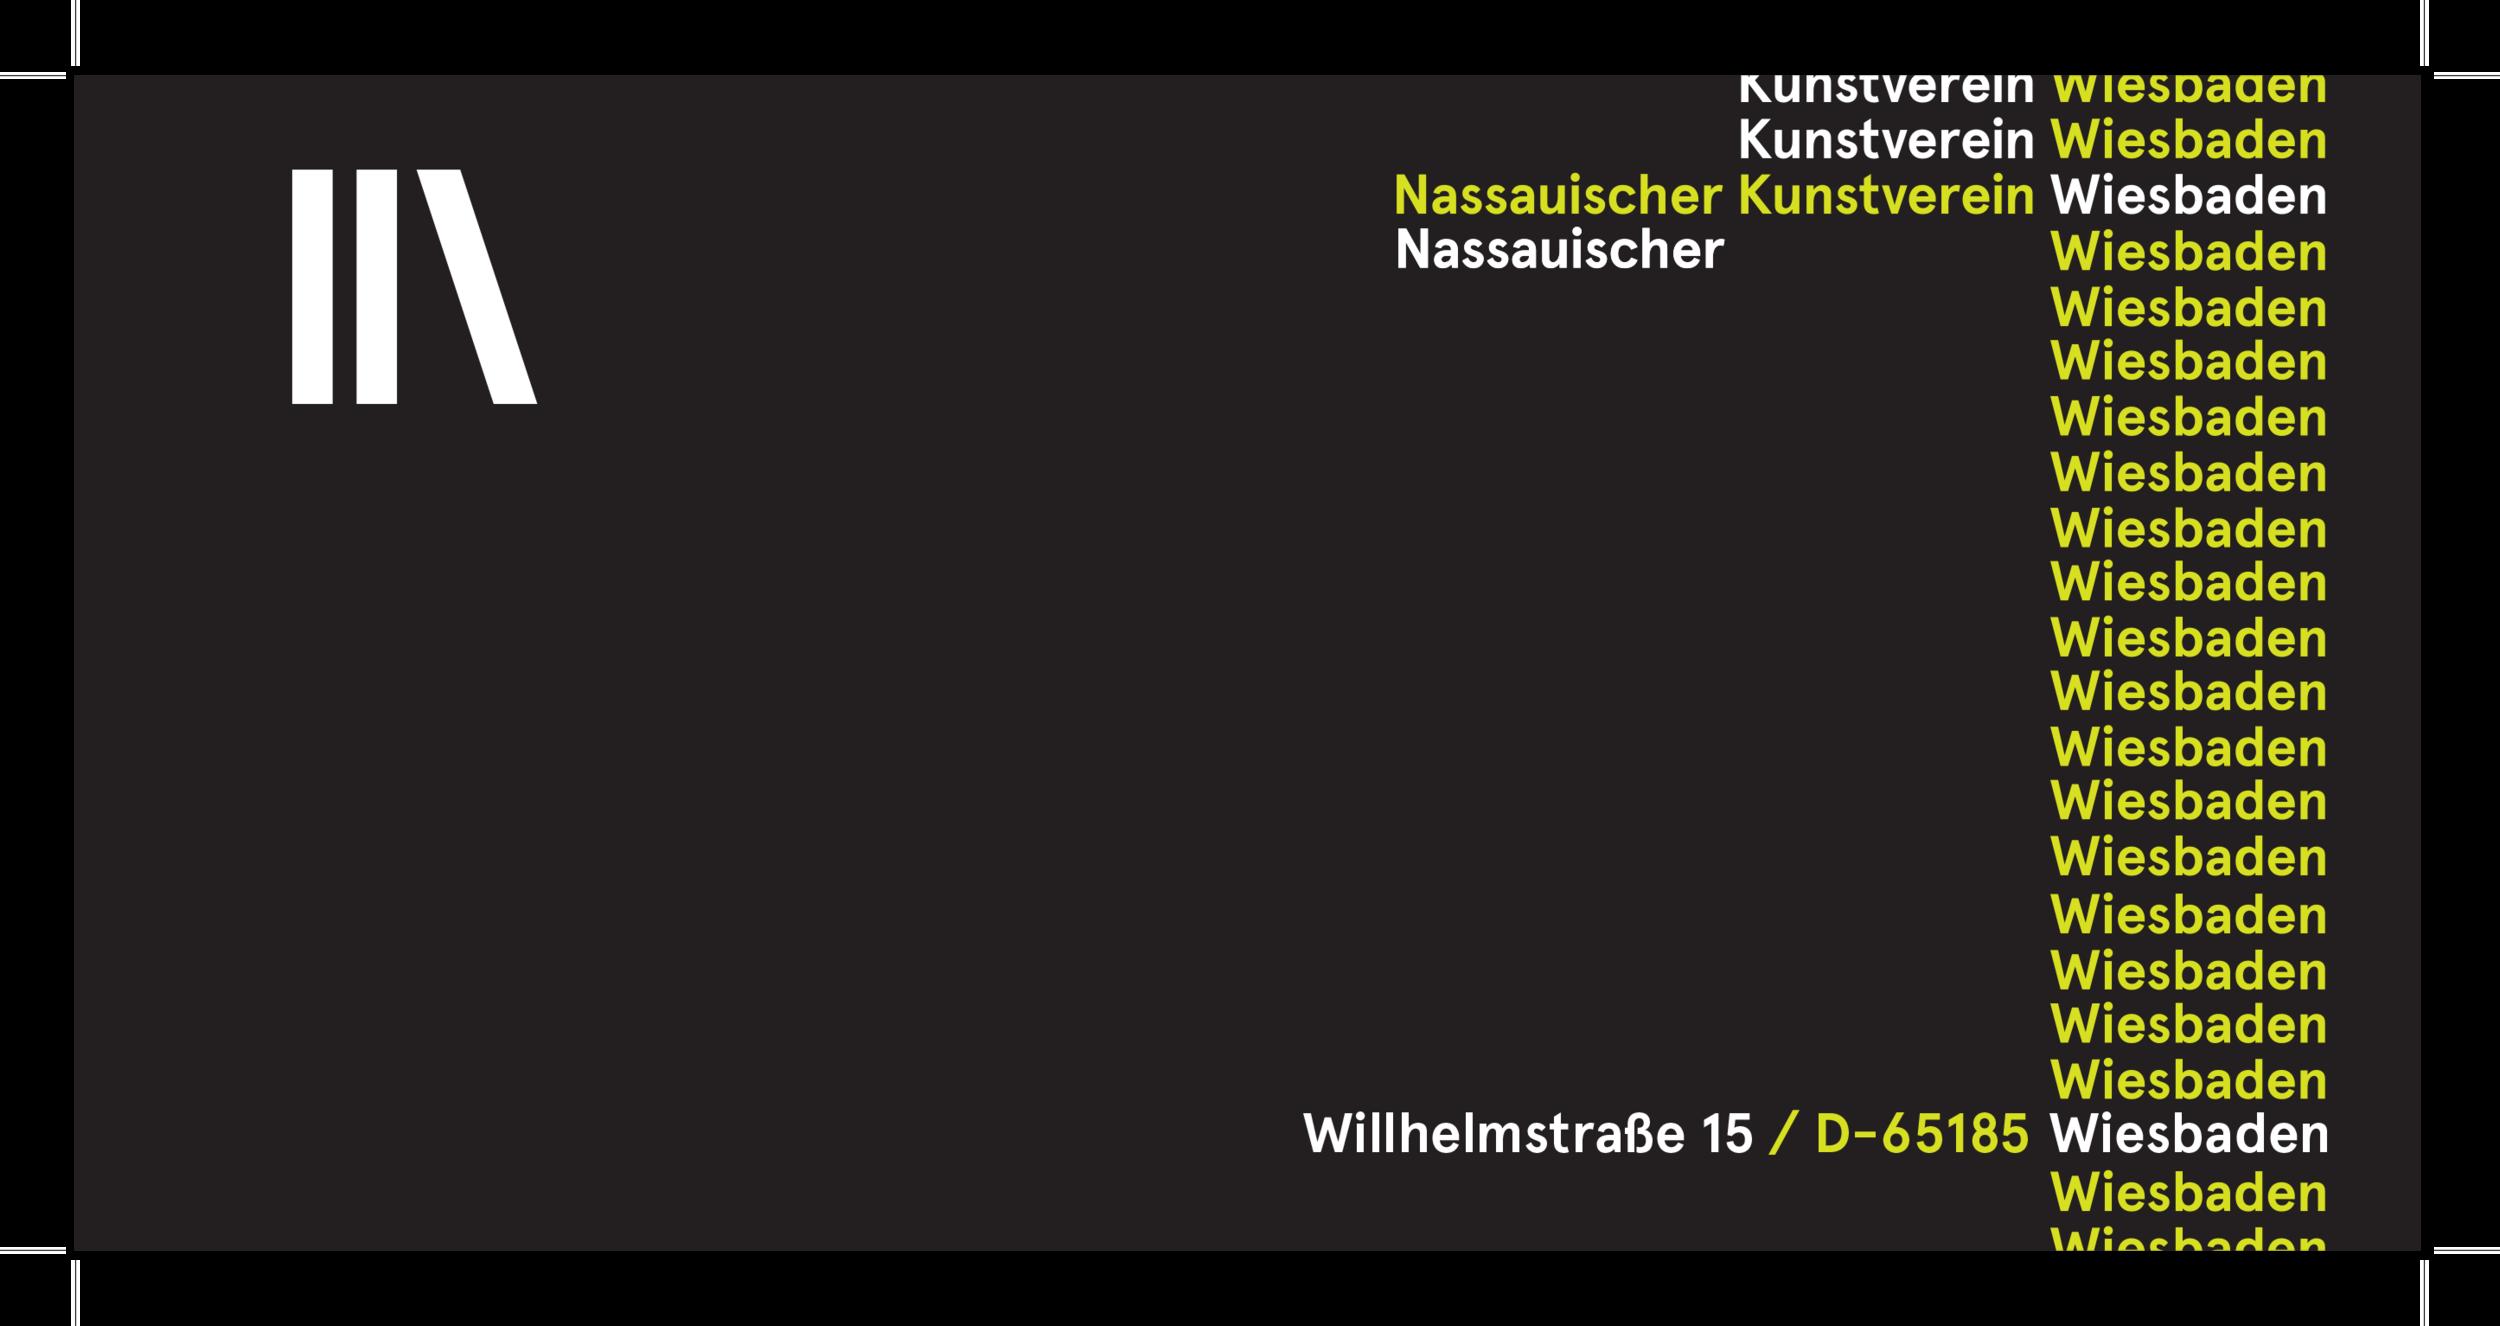 NKV Envelope Design